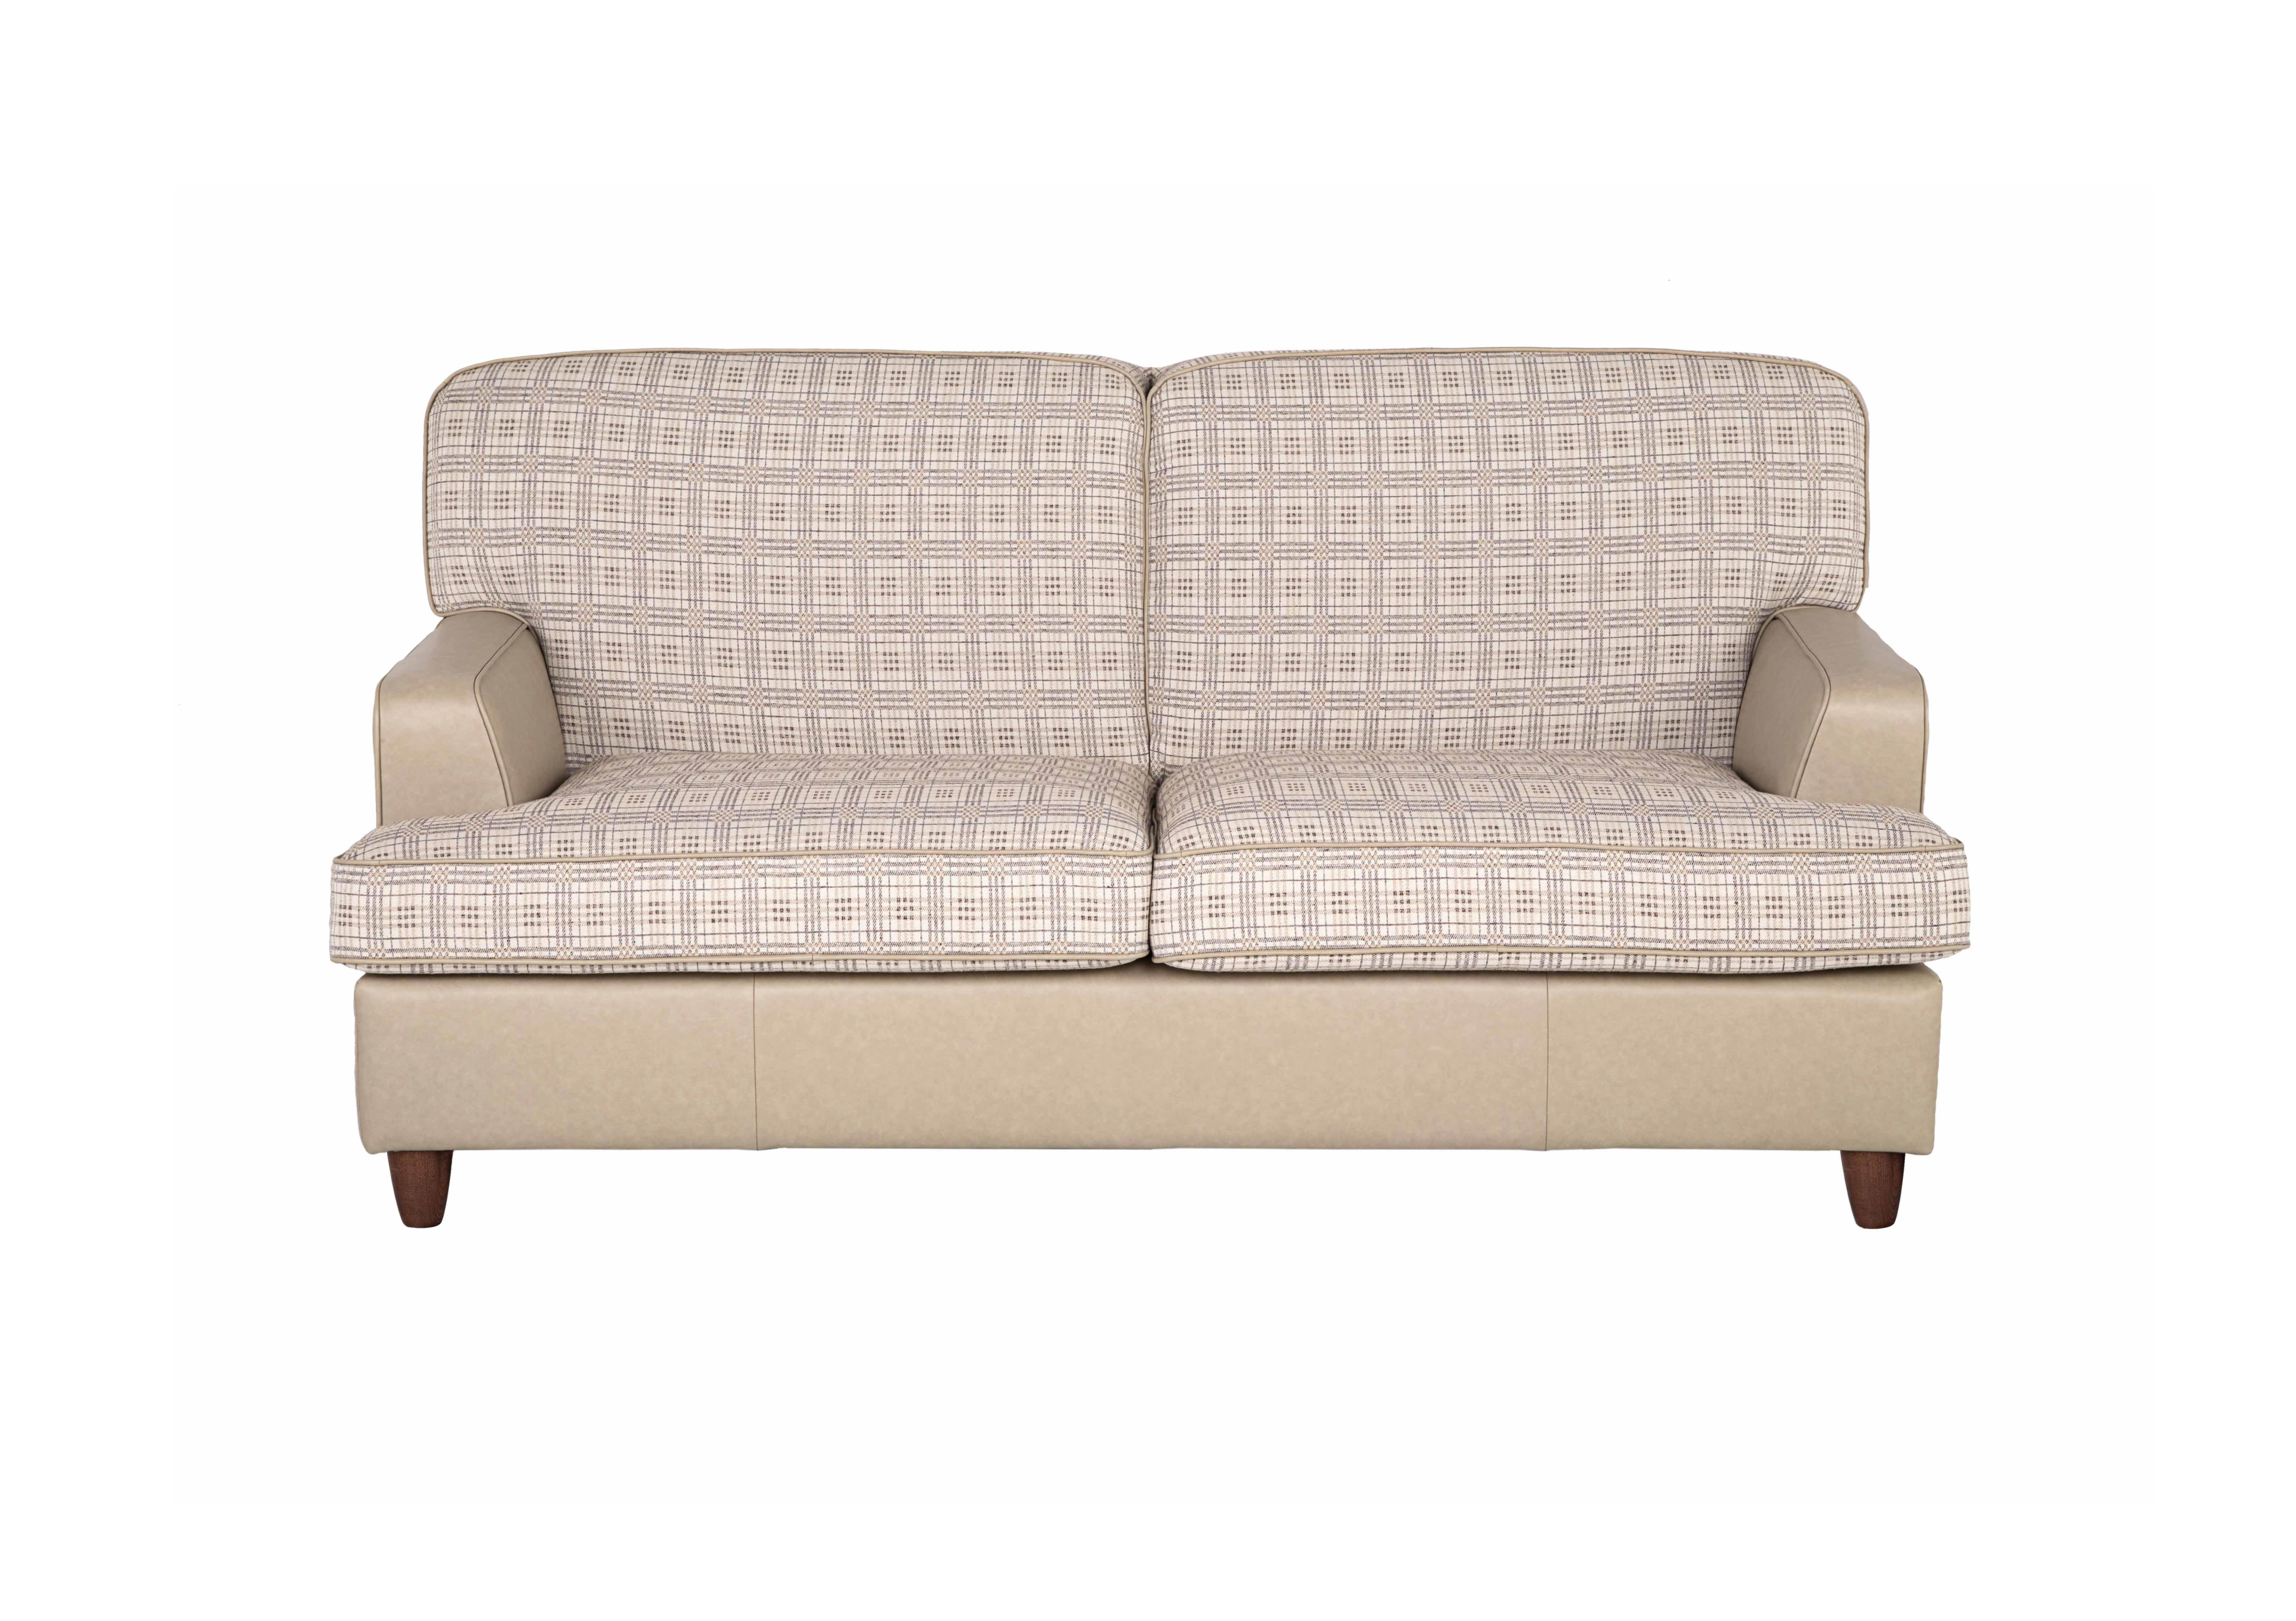 Диван-кровать ЖаклинПрямые раскладные диваны<br>Простота, лаконичность и изящество гармонично объединены в форме дивана. «Жаклин» примет каждого в свои теплые объятья и согреет заботой и пониманием. Дизайн дивана напоминает гладкие горные плато, покрытые ровным зеркалом воды, в котором отражаются рассветные лучи солнца.&amp;amp;nbsp;&amp;lt;div&amp;gt;&amp;lt;br&amp;gt;&amp;lt;/div&amp;gt;&amp;lt;div&amp;gt;Механизм трансформации миксотойл.&amp;amp;nbsp;&amp;lt;/div&amp;gt;&amp;lt;div&amp;gt;Спальное место 182*133 см.&amp;amp;nbsp;&amp;lt;/div&amp;gt;&amp;lt;div&amp;gt;Ннатуральная кожа+ткань, ткань-Бейкер стрит чек DC 12,&amp;amp;nbsp;&amp;lt;/div&amp;gt;&amp;lt;div&amp;gt;Кожа-antico polbos&amp;lt;/div&amp;gt;<br><br>Material: Кожа<br>Width см: 186<br>Depth см: 95<br>Height см: 94